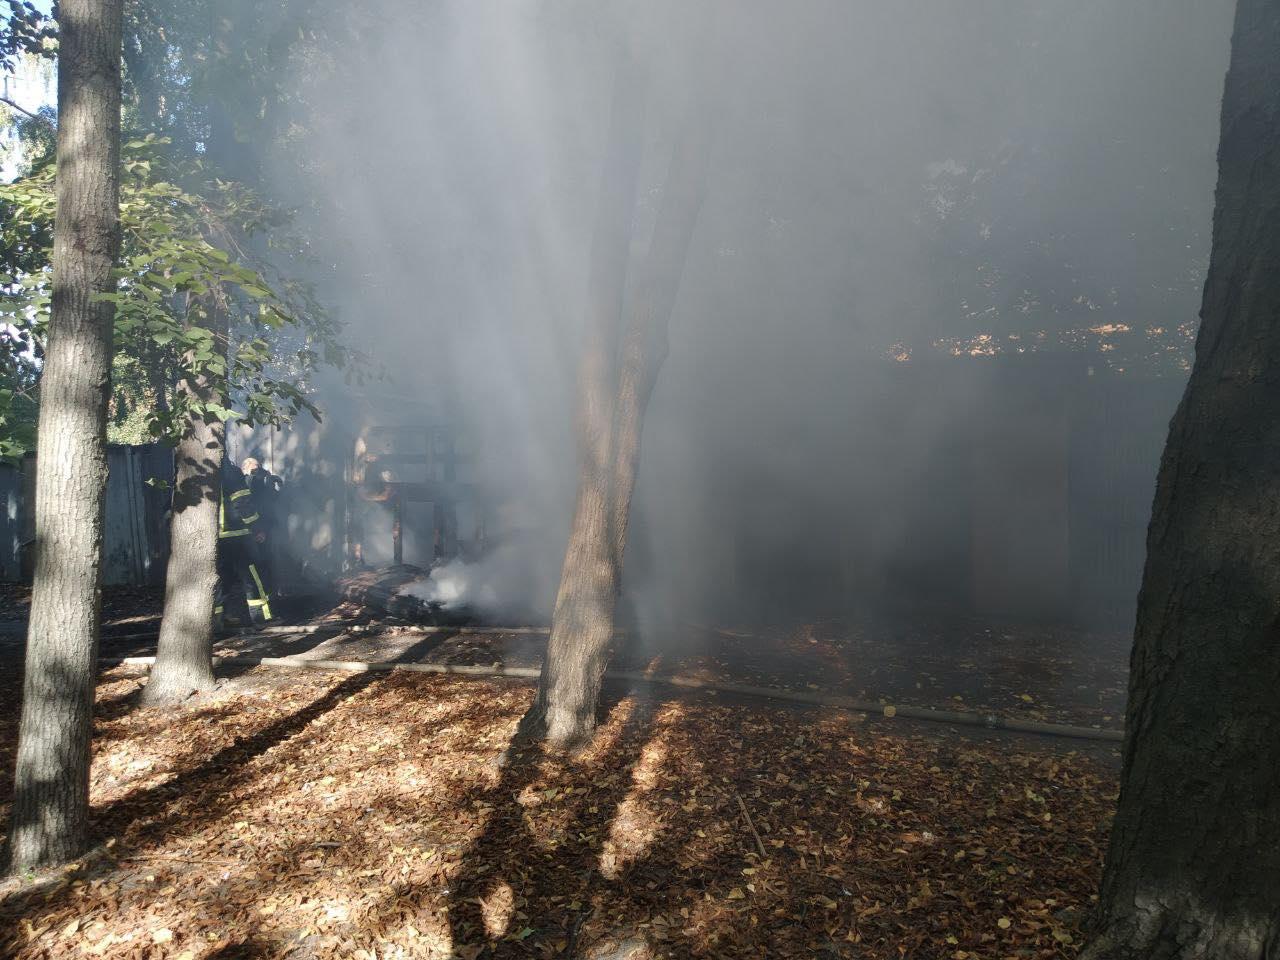 У Чернігові неподалік 15 ліцею горять сараї. ФОТОфакт